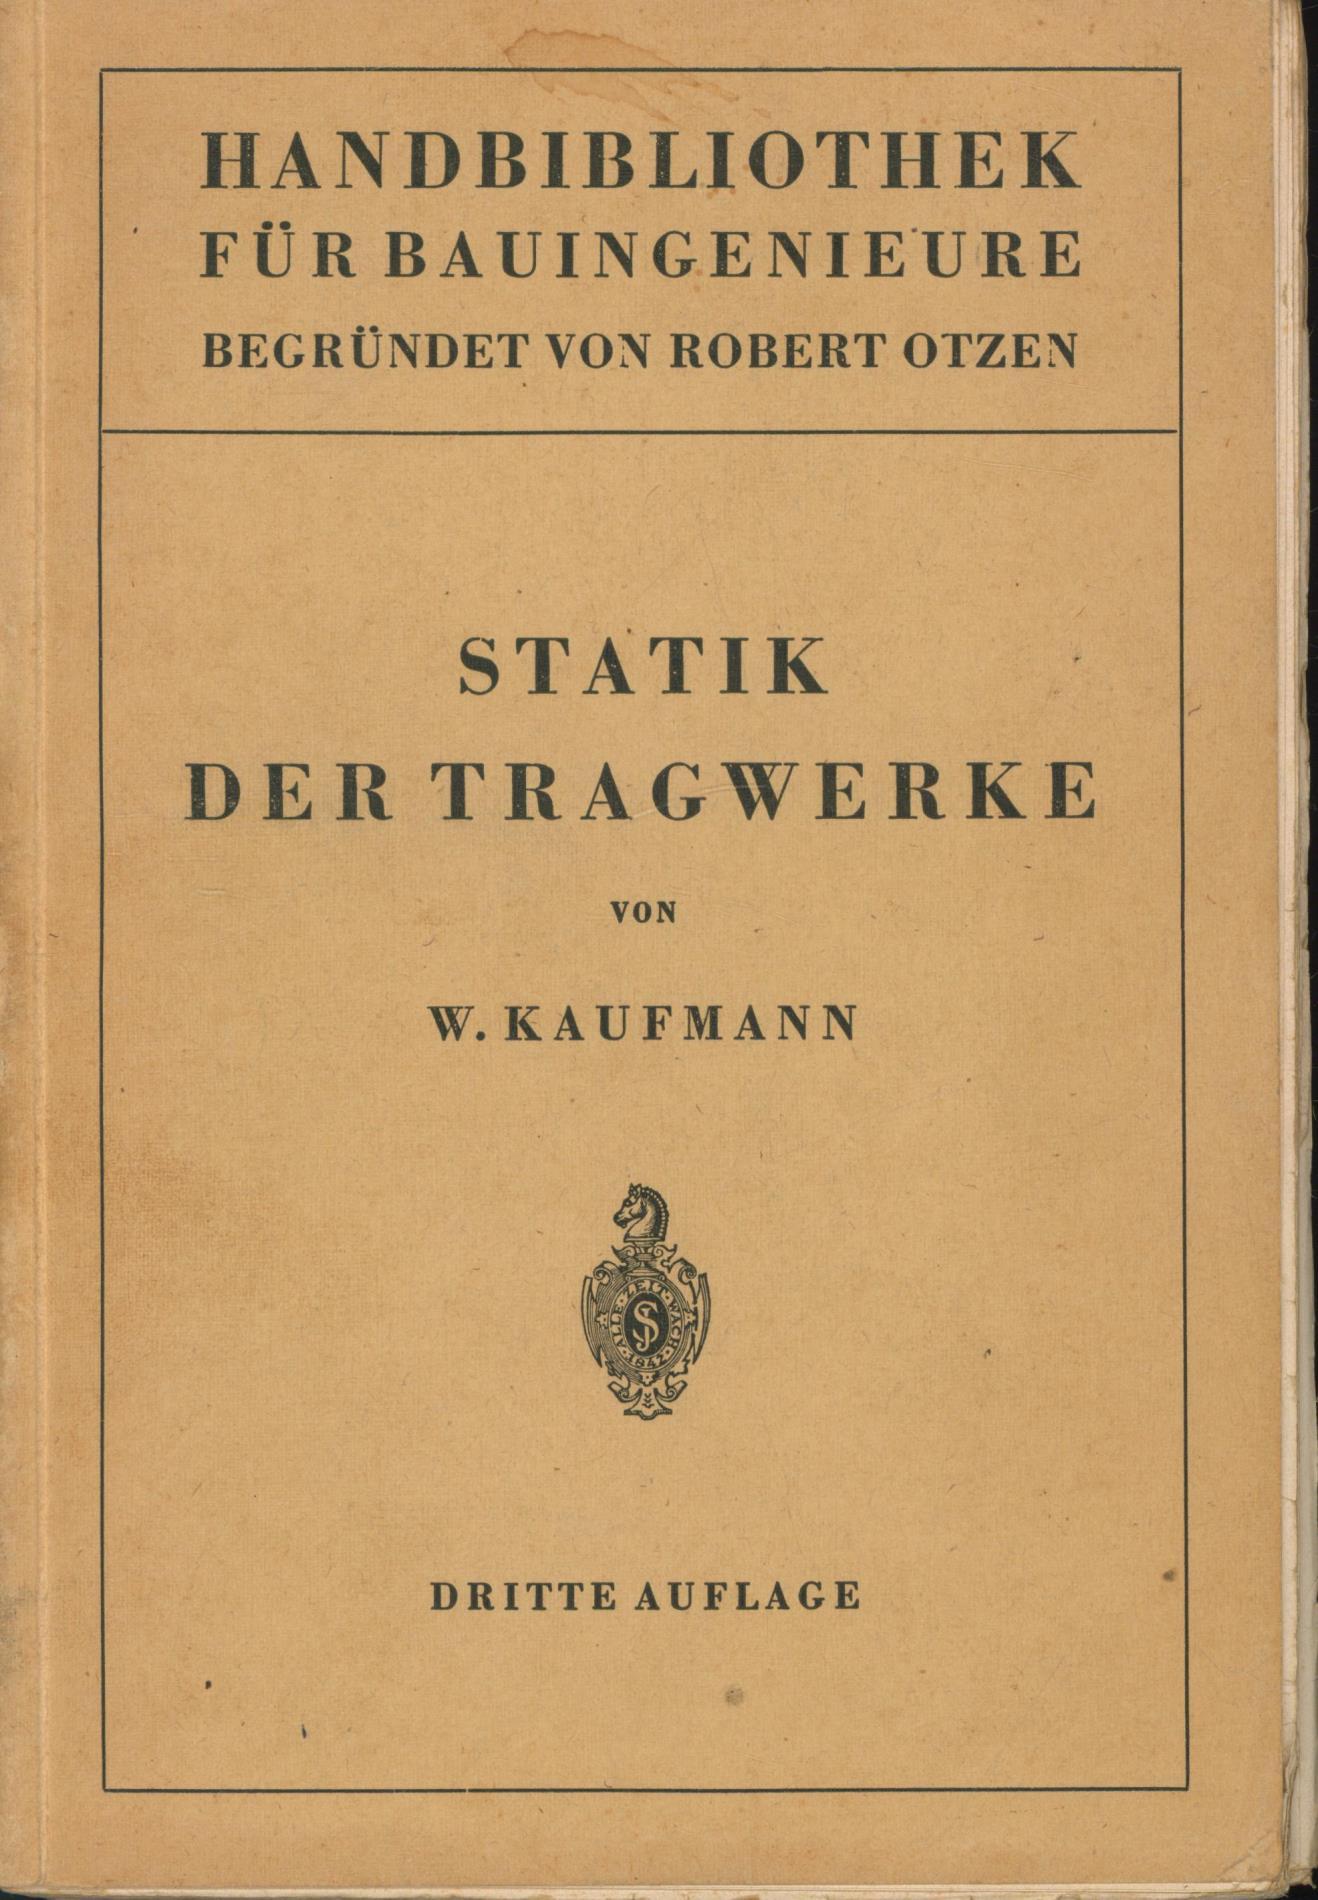 Statik der Tragwerke.Handbibliothek für Bauingenieure;. Ein Hand-: Kaufmann, Walther